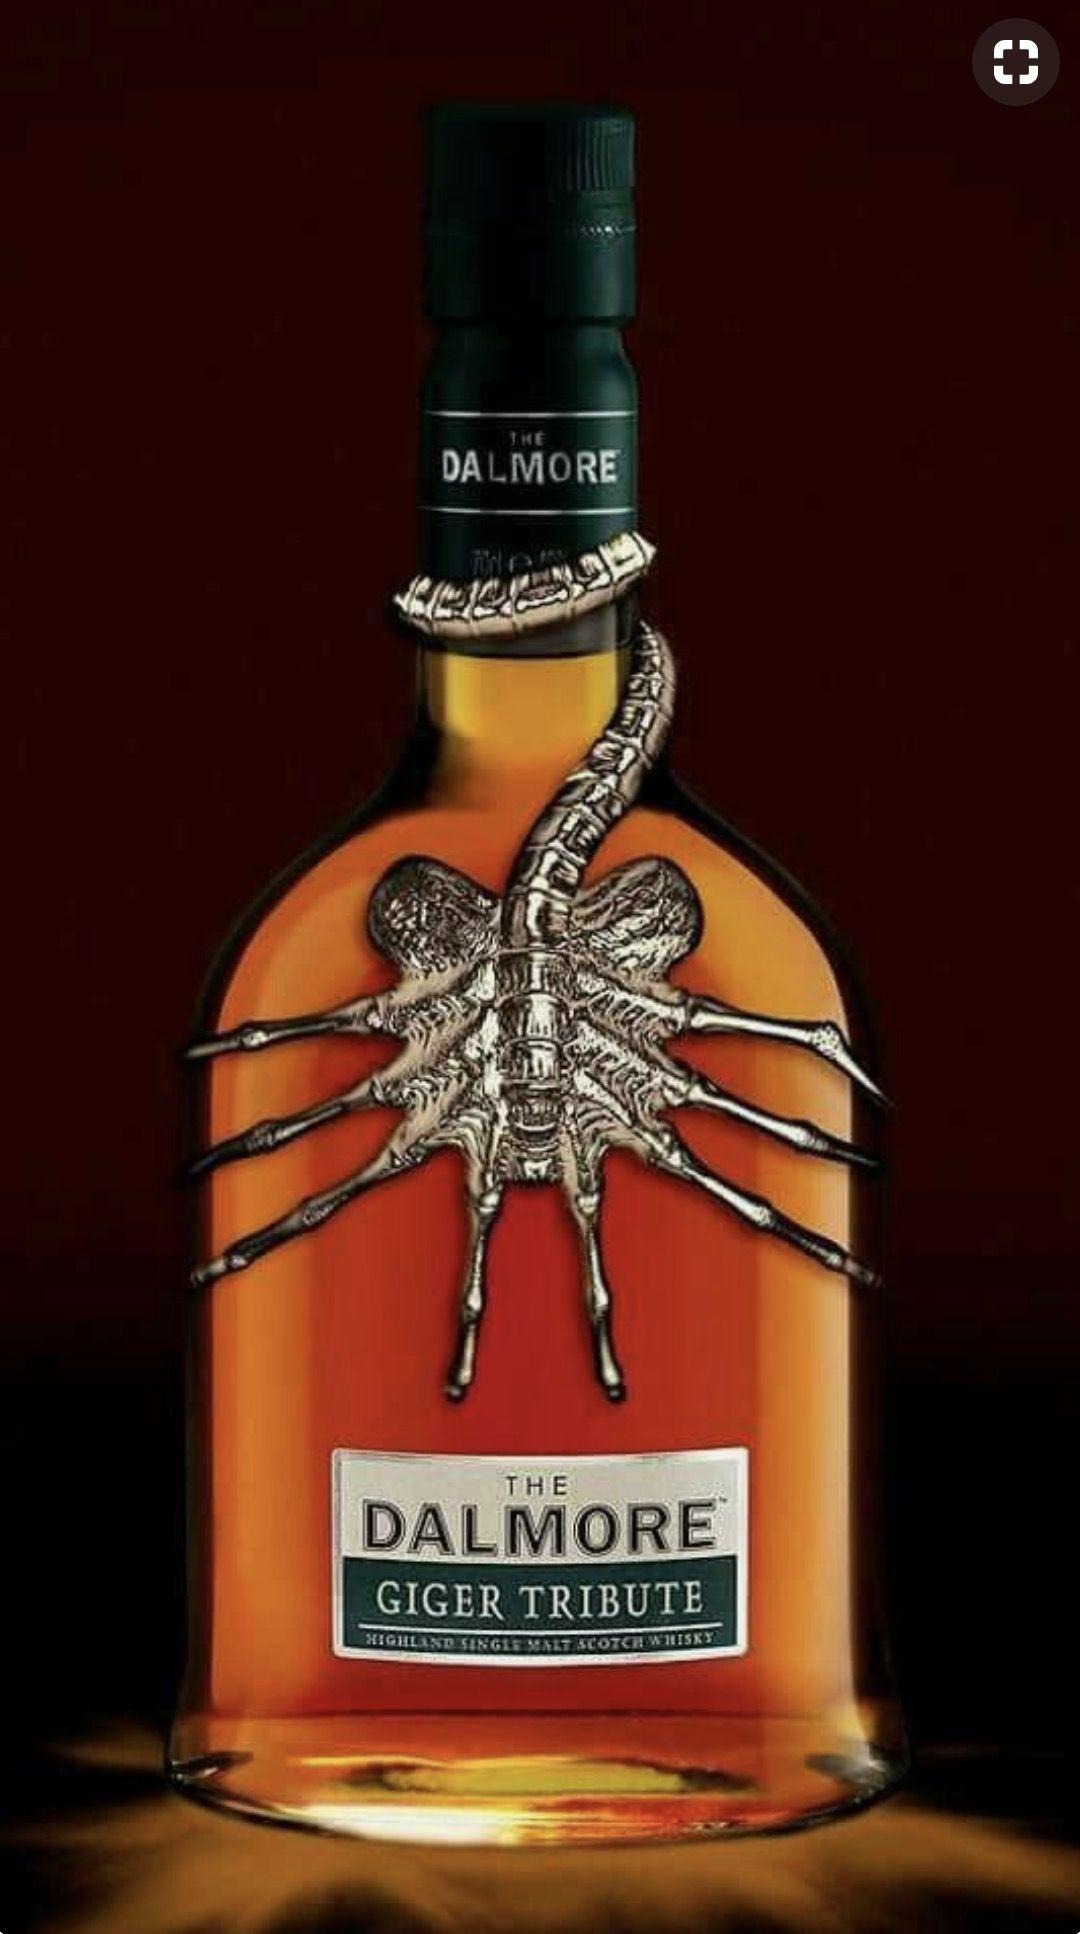 Design Cigars And Whiskey Whisky Malt Whisky